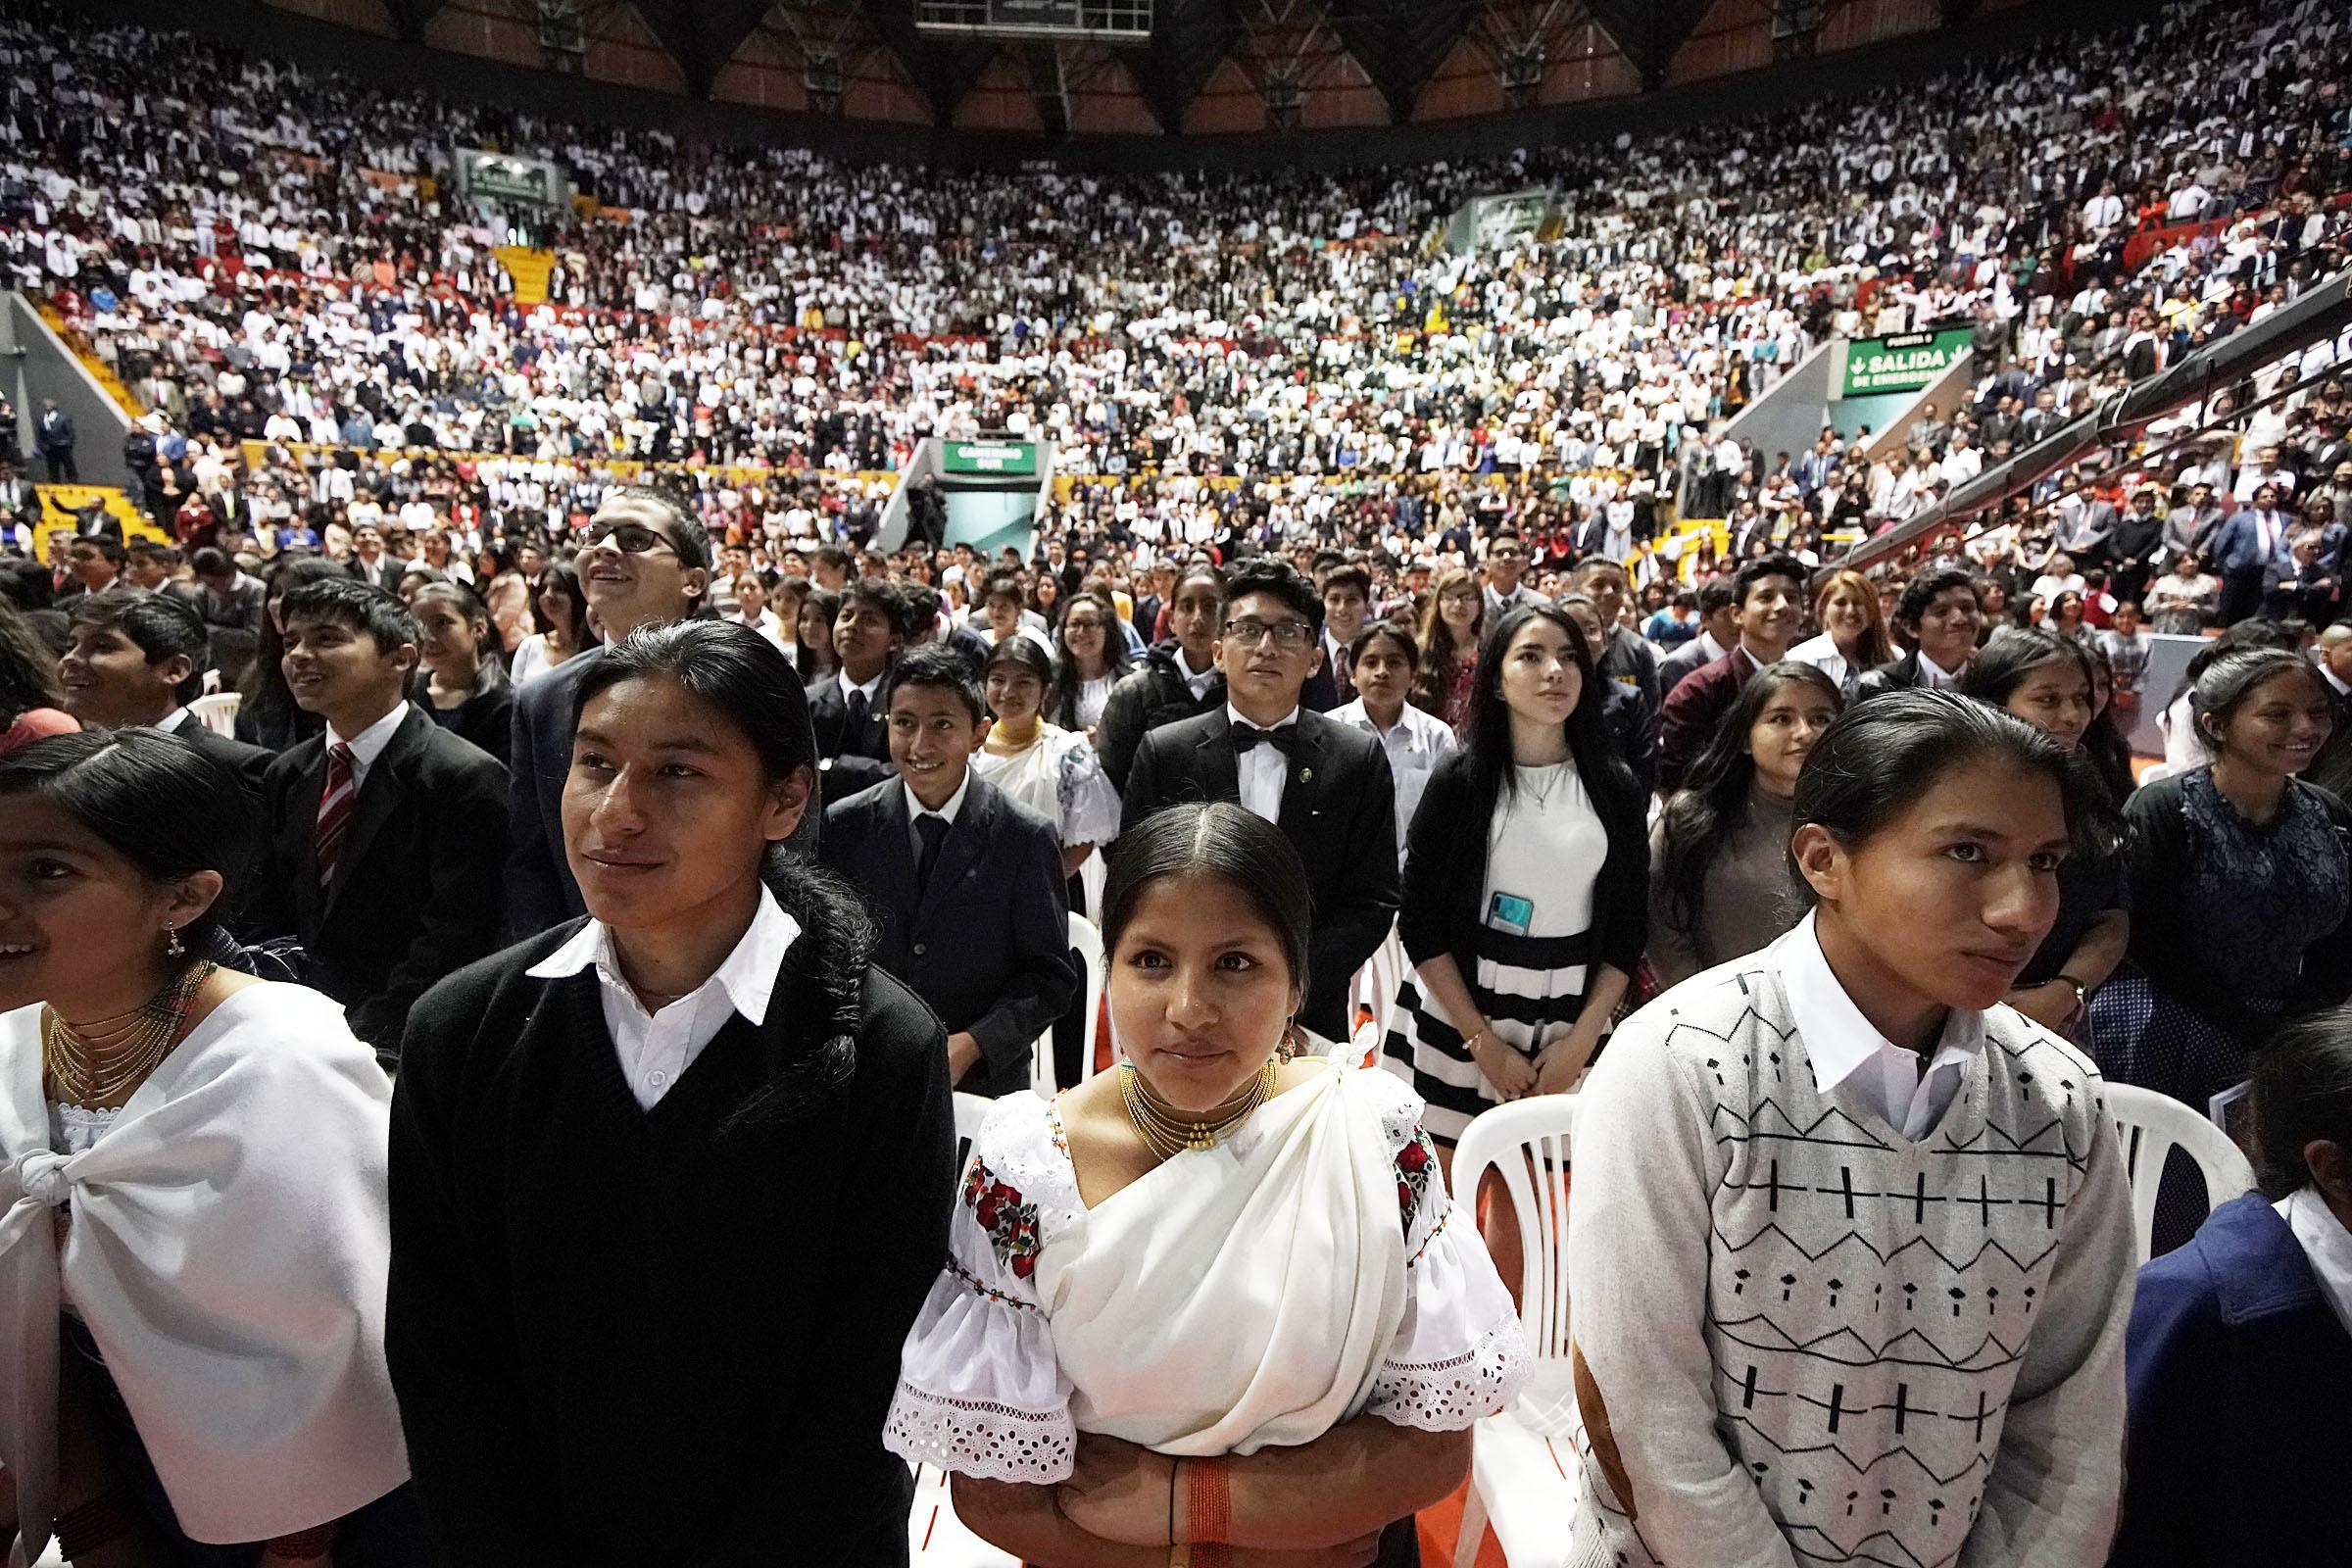 Los jóvenes en la audiencia se estiran a petición del presidente Russell M. Nelson de La Iglesia de Jesucristo de los Santos de los Últimos Días, durante un devocional de la gira ministerial latinoamericana en Quito, Ecuador, el lunes 26 de agosto de 2019. Al centro está Nahomi Campo.